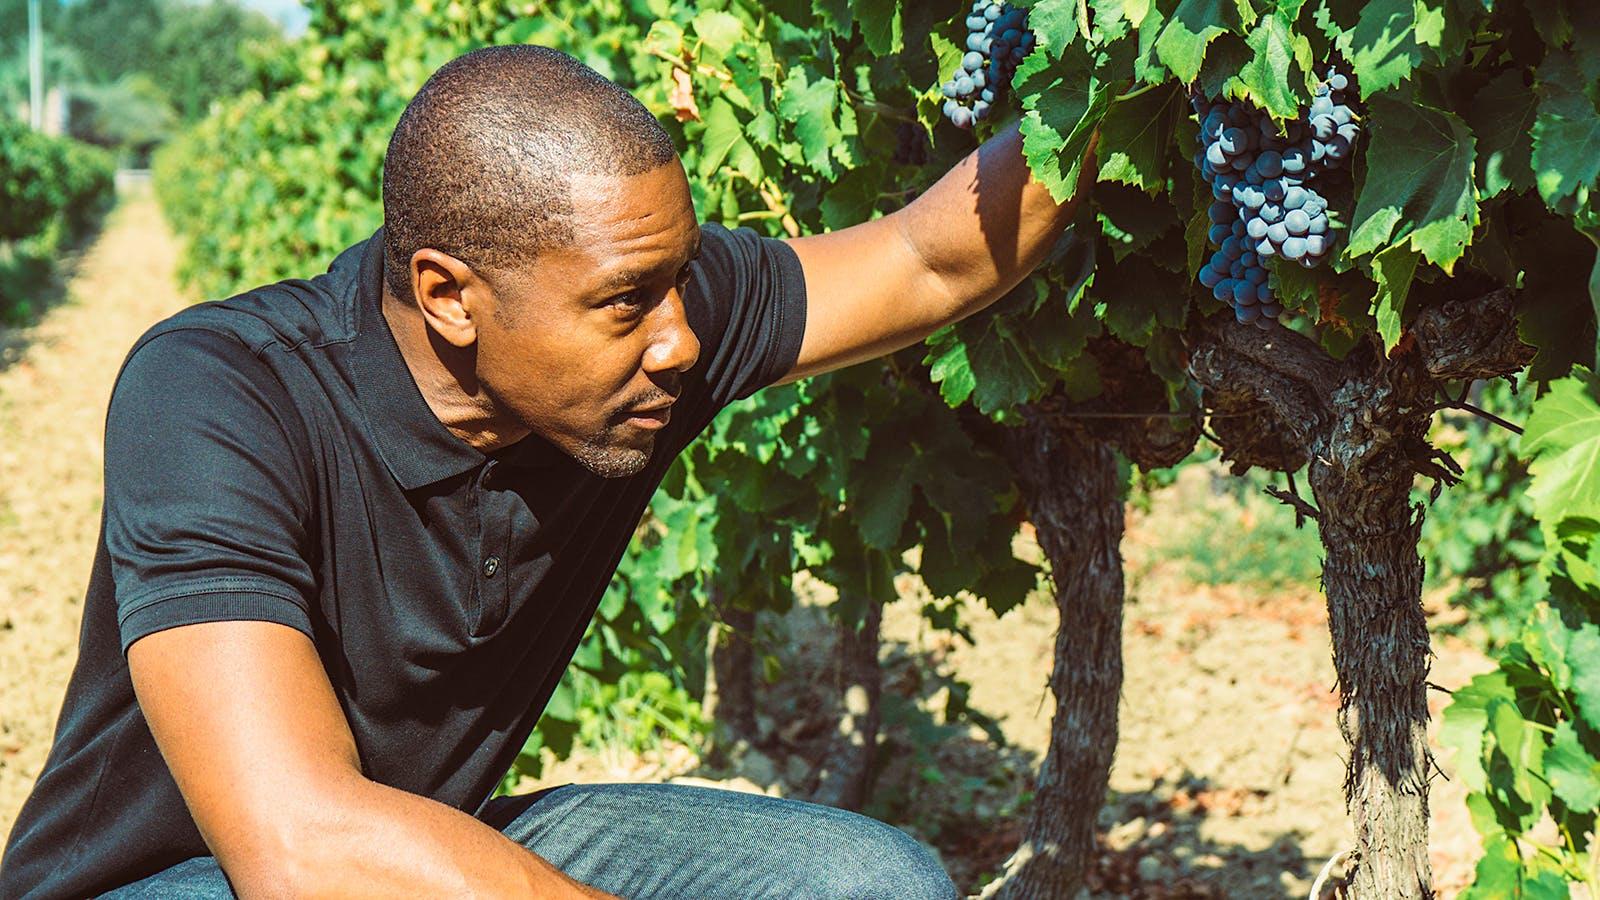 Wine Talk: Donae Burston's Rosé for All